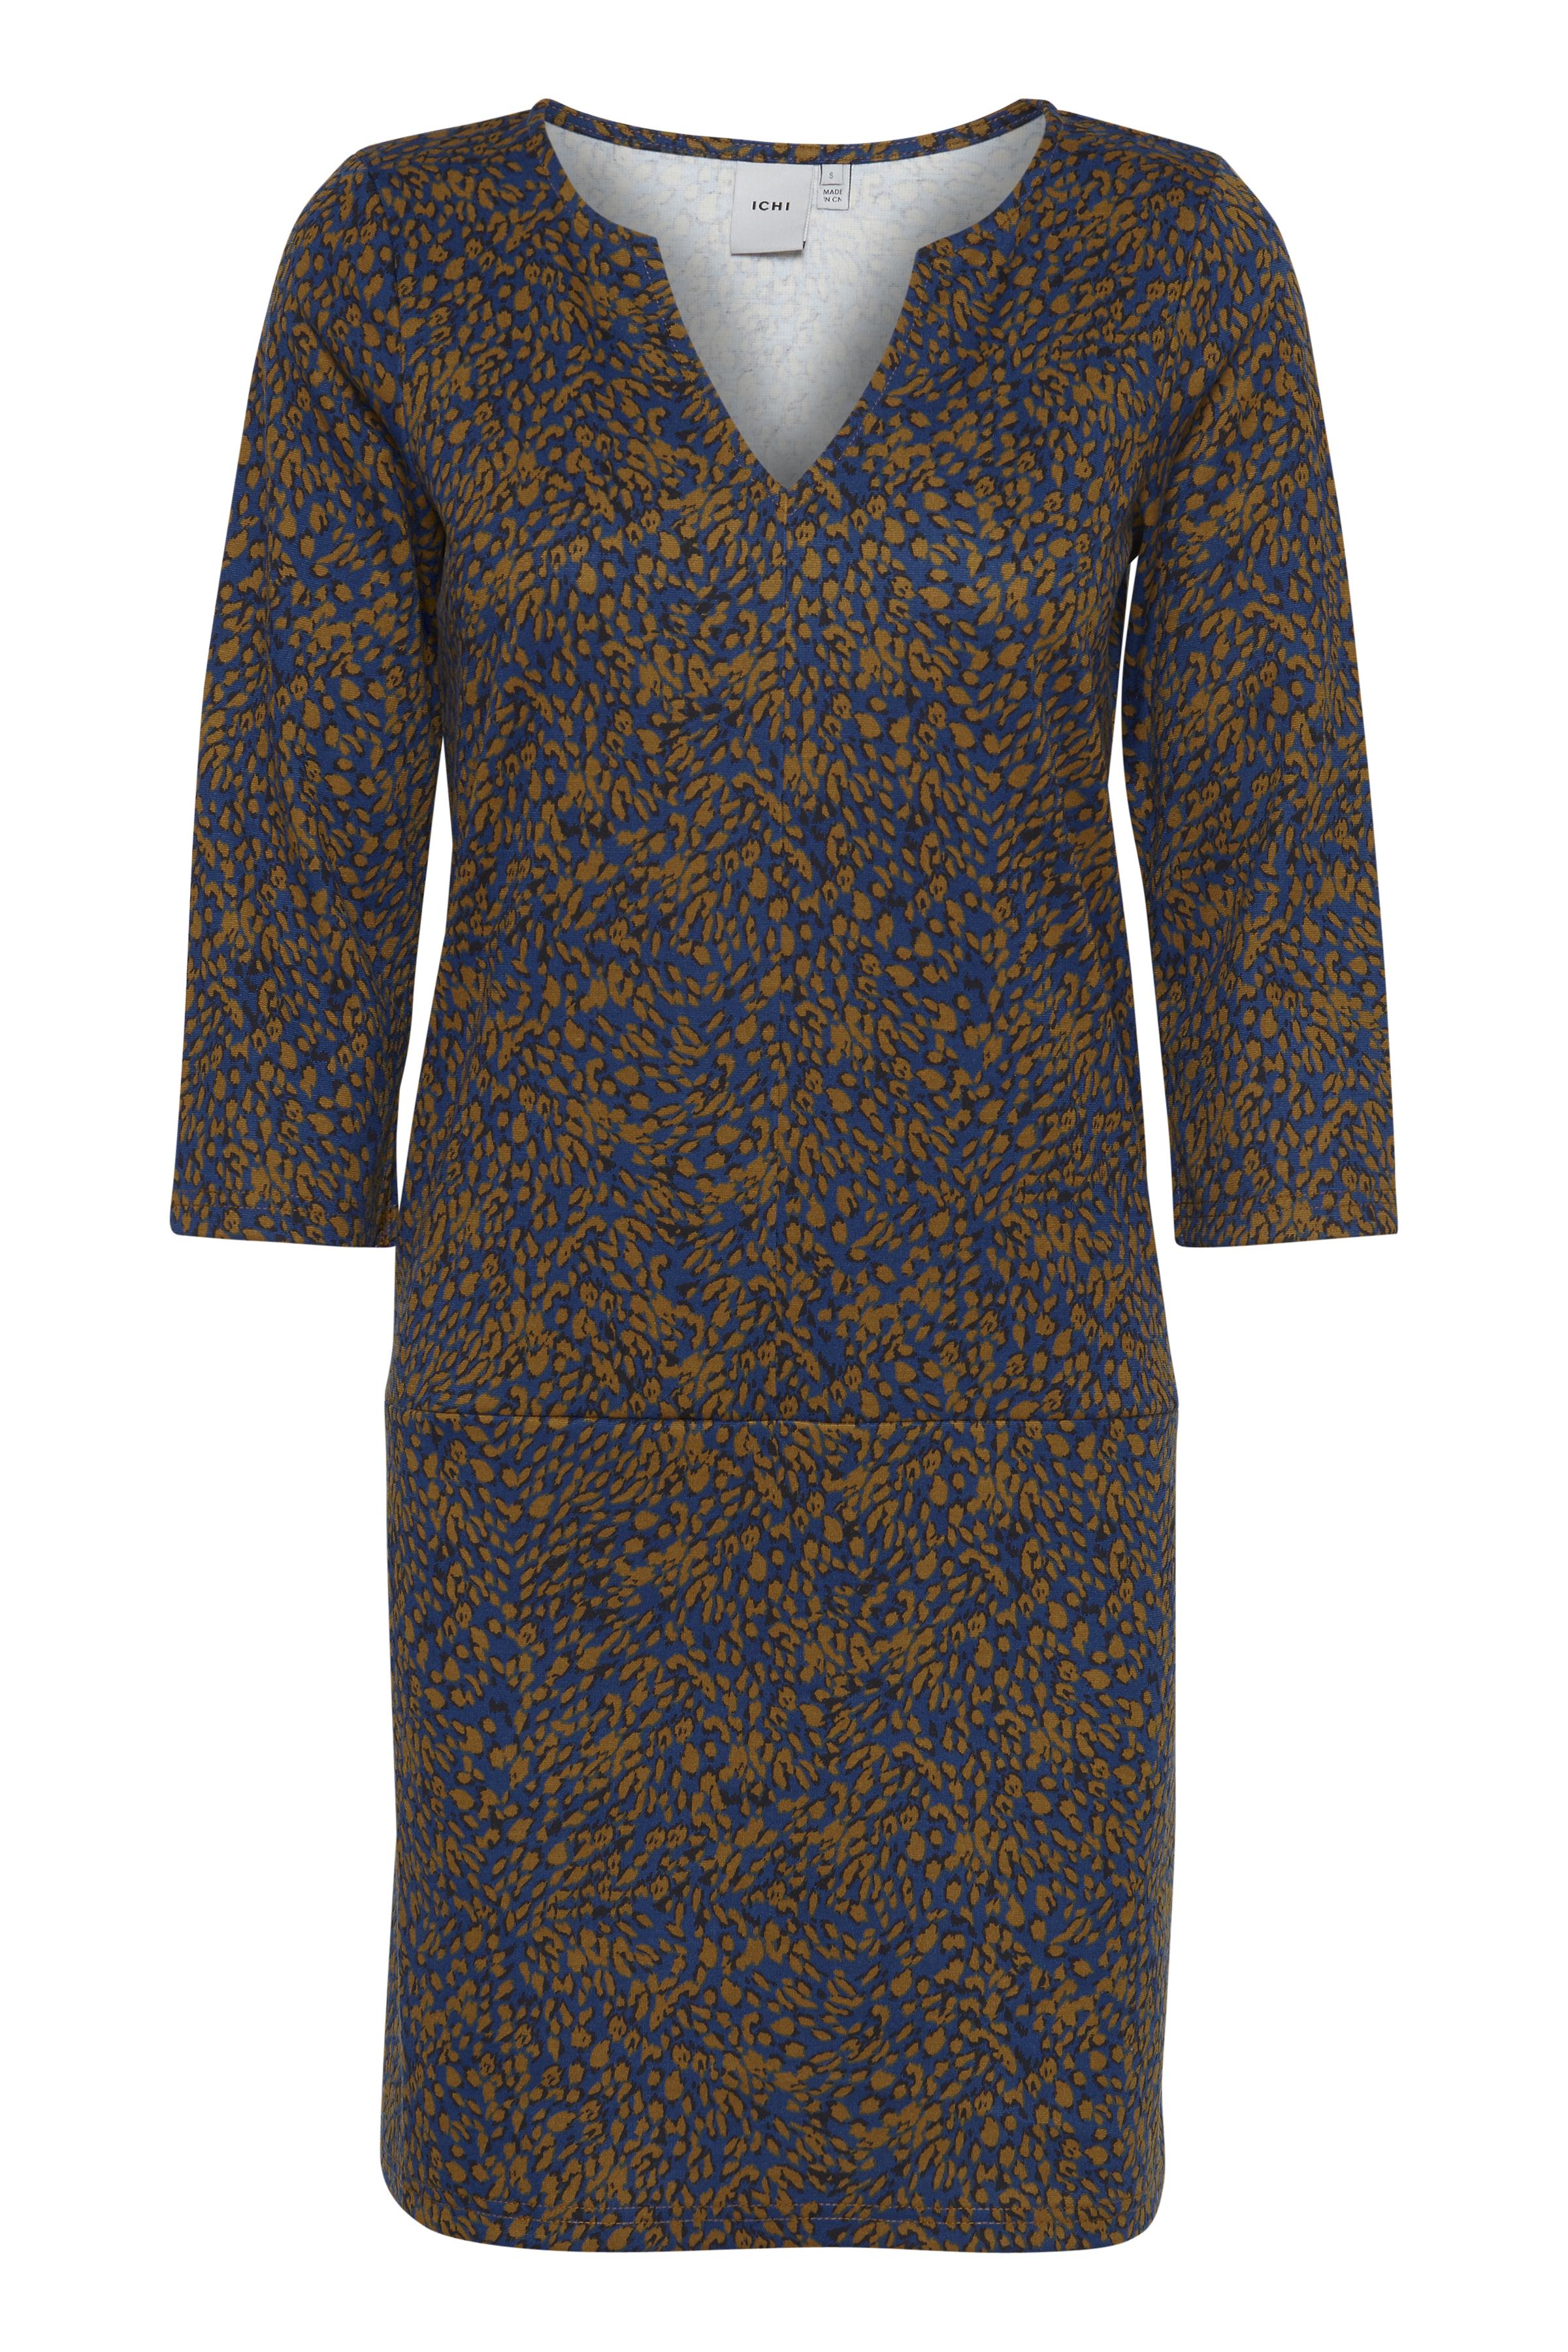 Ichi Dame Jersey jurk - True Blue